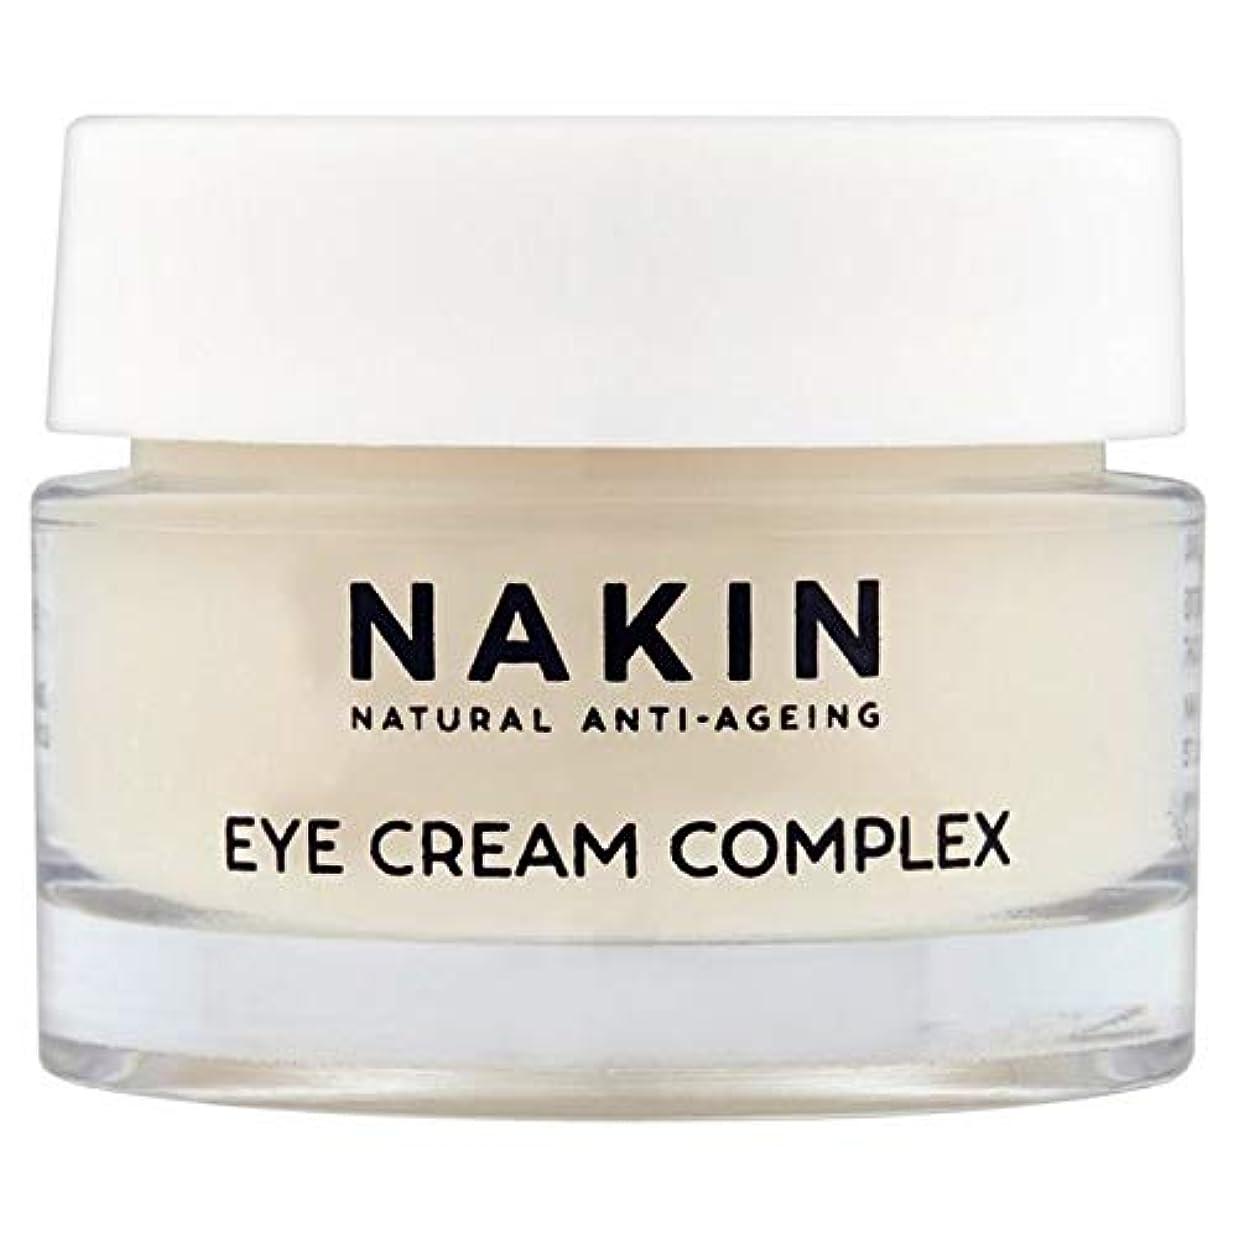 日の出おとこ気をつけて[Nakin] Nakin自然アンチエイジングアイクリームコンプレックス15ミリリットル - Nakin Natural Anti-Ageing Eye Cream Complex 15ml [並行輸入品]